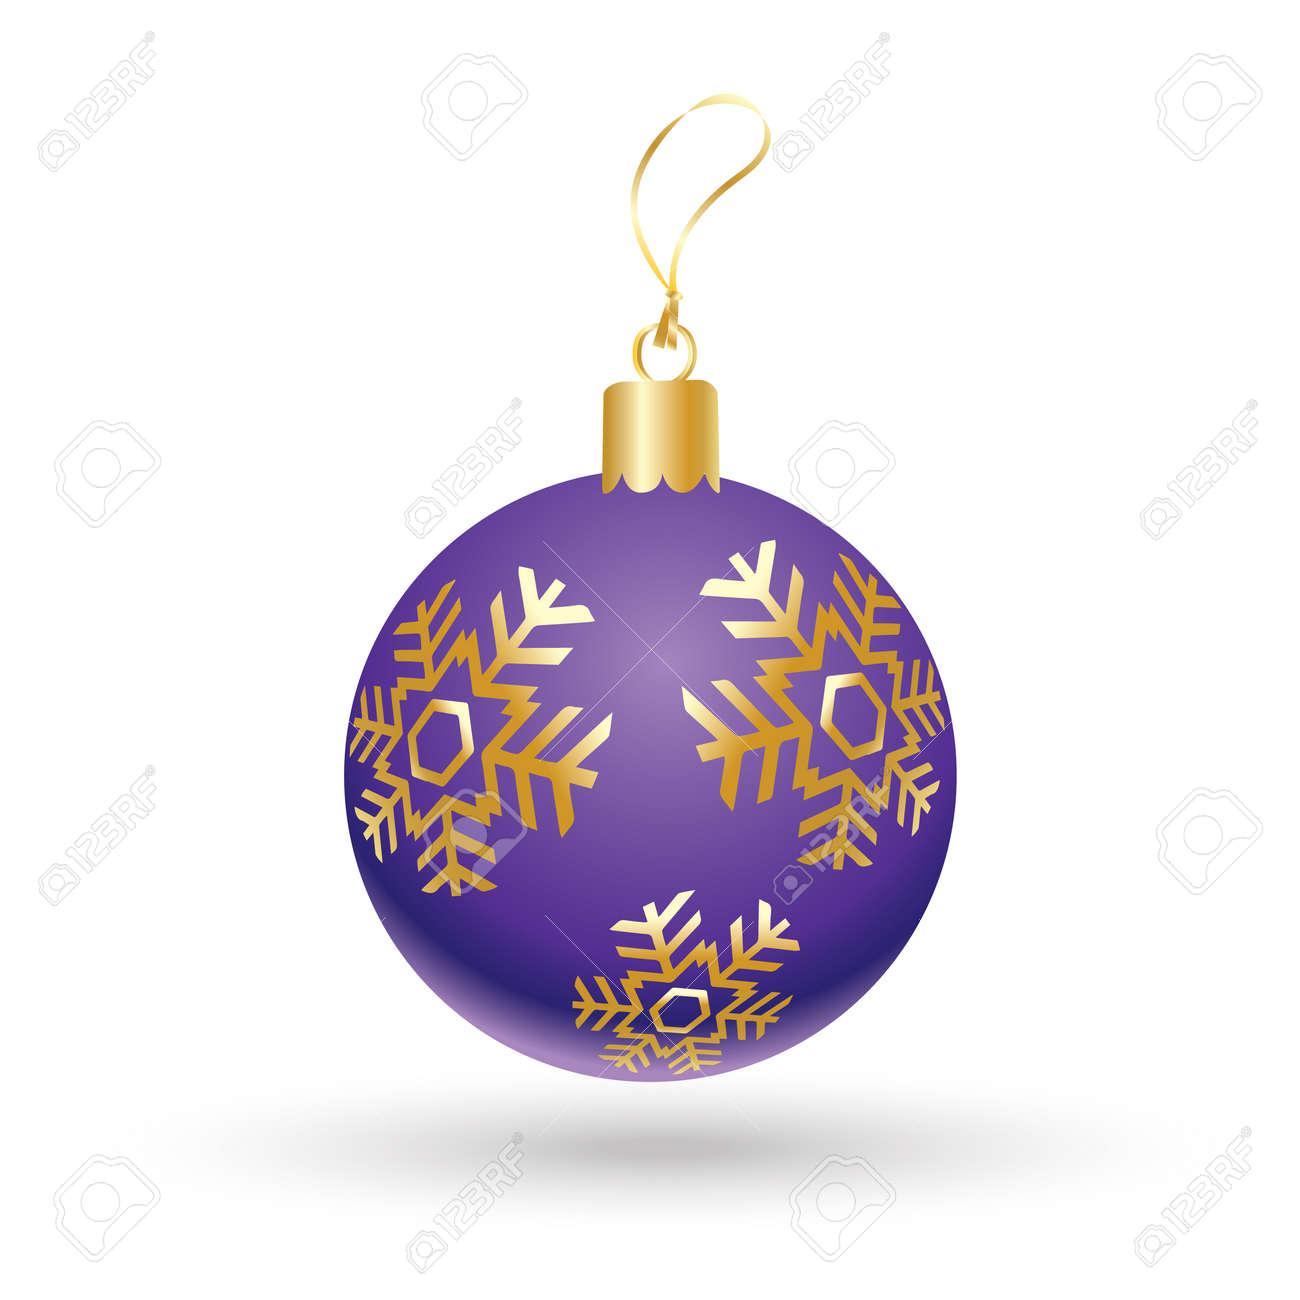 Christmas Ball. Christmas Ball With Gold Snowflakes Isolated ...